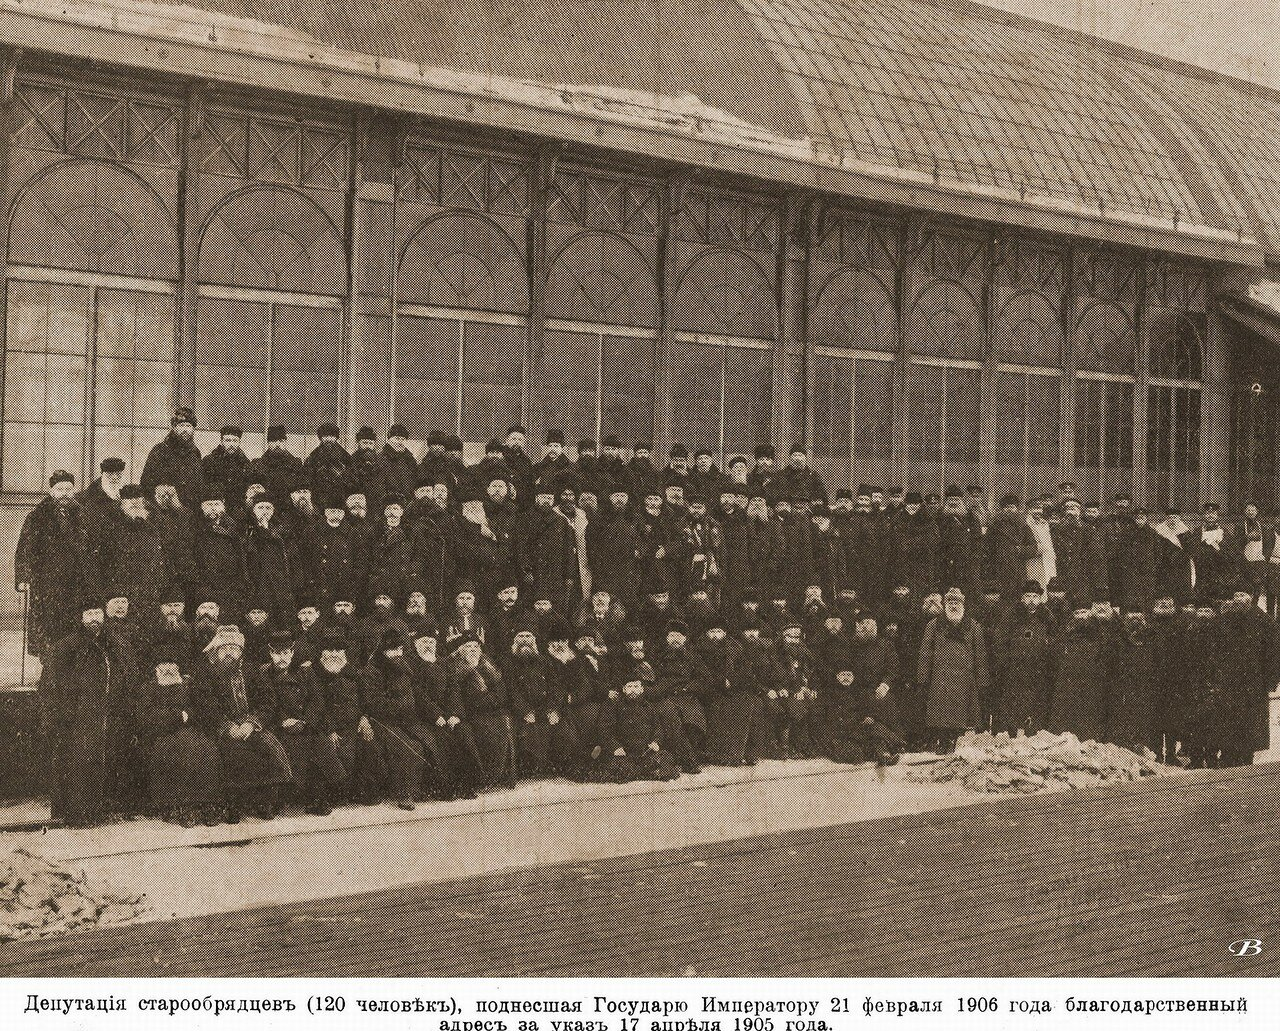 Депутация старообрядцев, поднесшая Государю Императору 21.02.1906 года благодарственный адрес за указ 17 апреля 1905